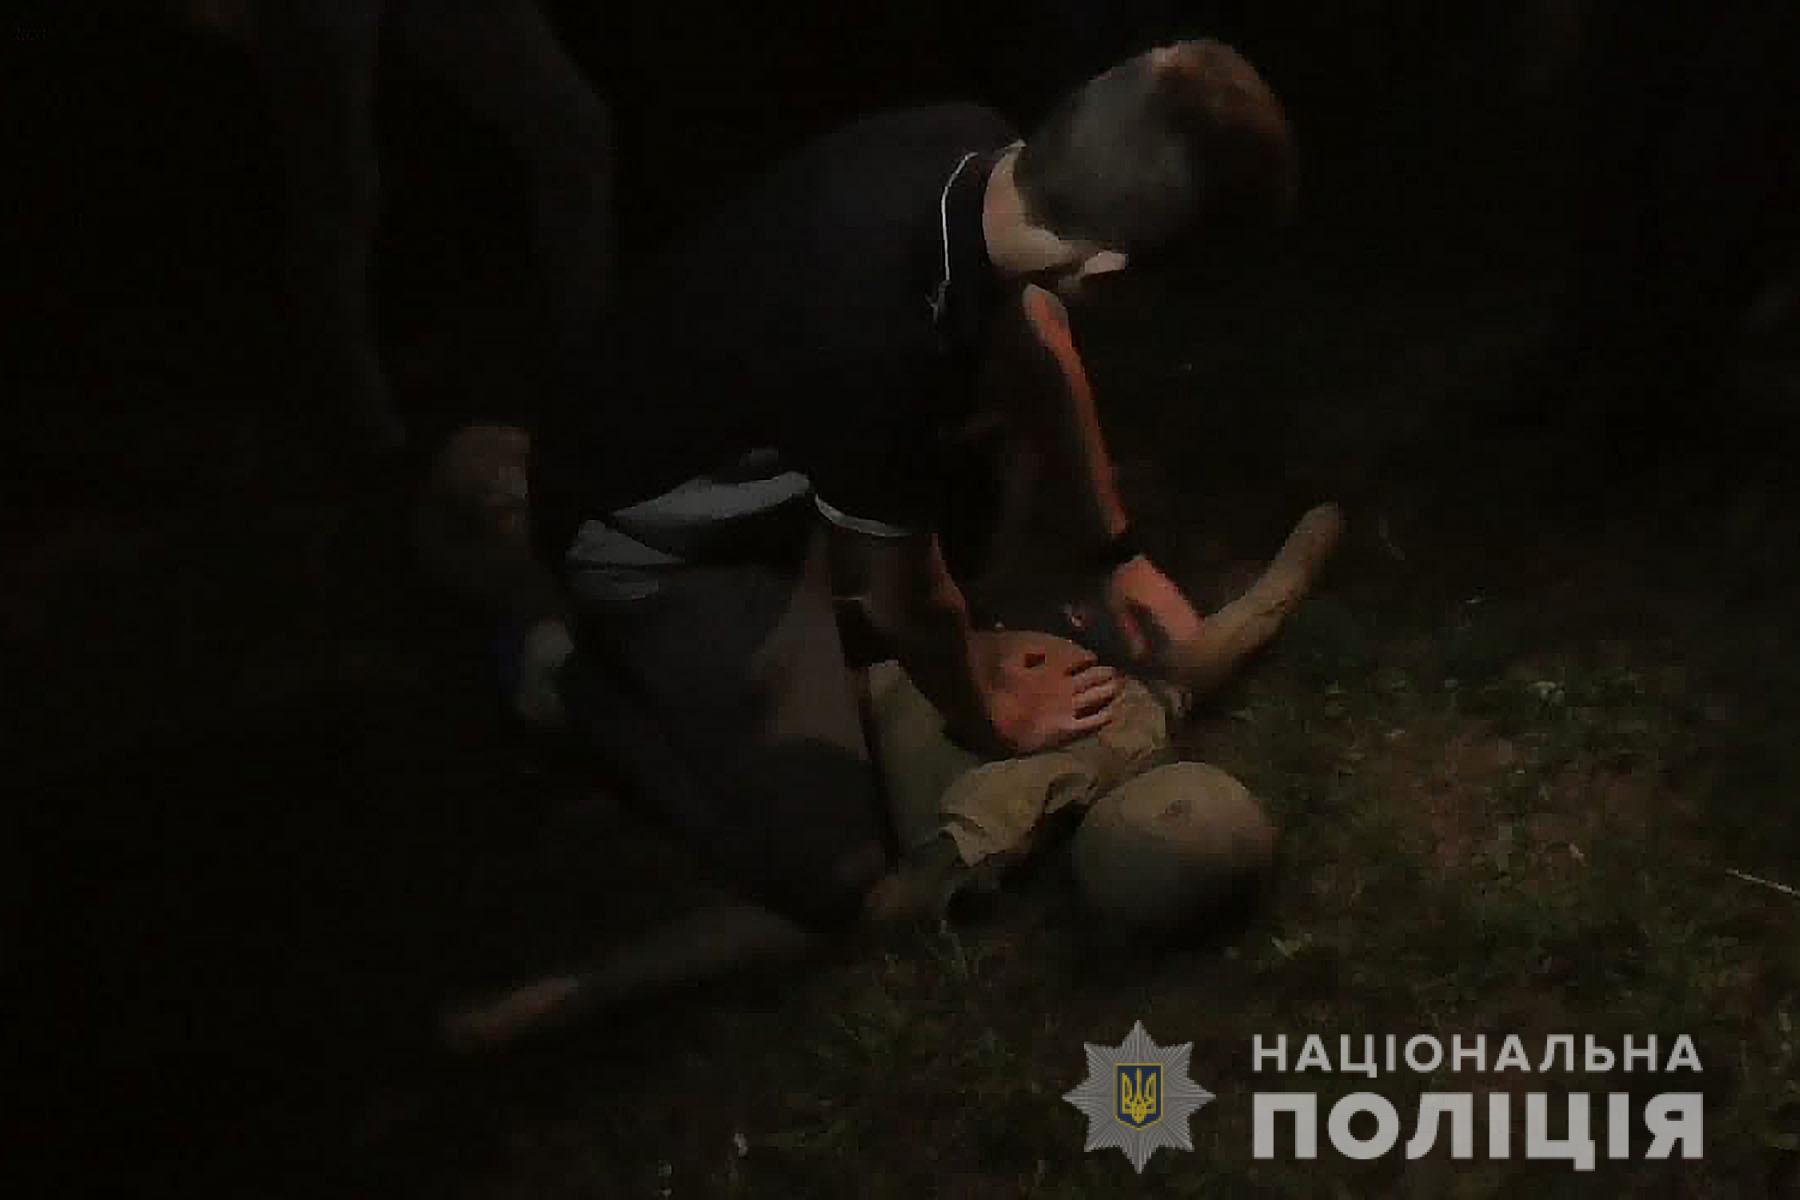 У Ніжинському районі поліція затримала двох осіб за підозрою у смертельному побитті односельця (Фото)